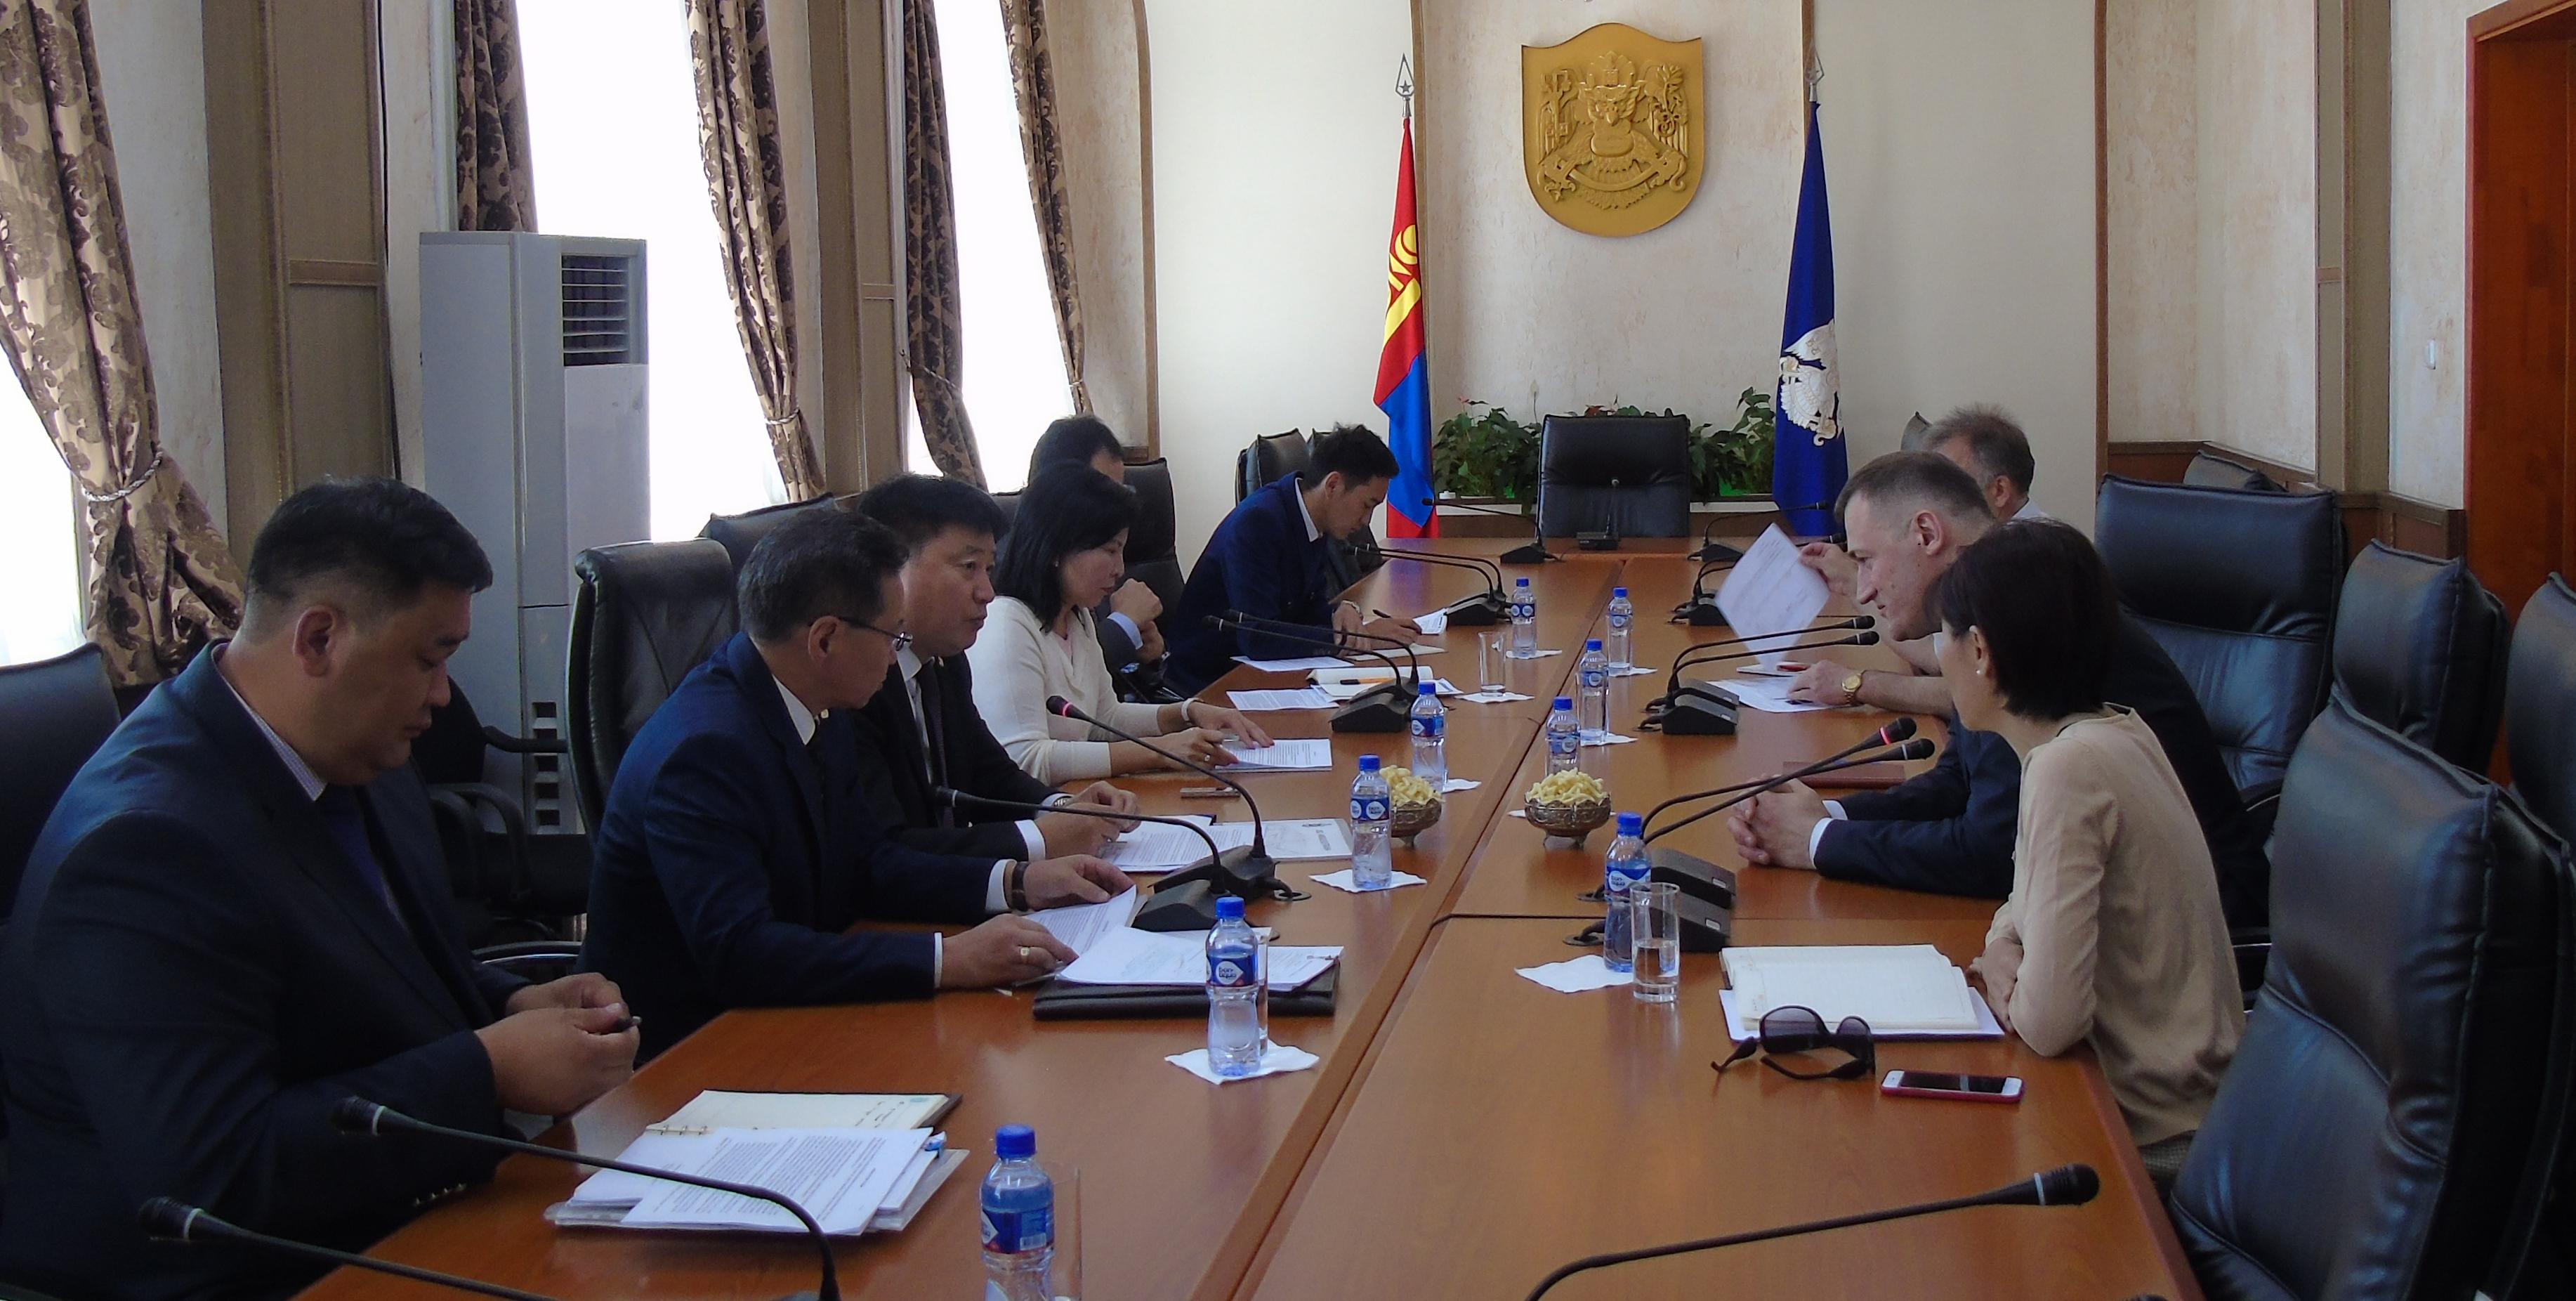 Ambassador of Belarus Stanislav Chepurnoy meets the Mayor of